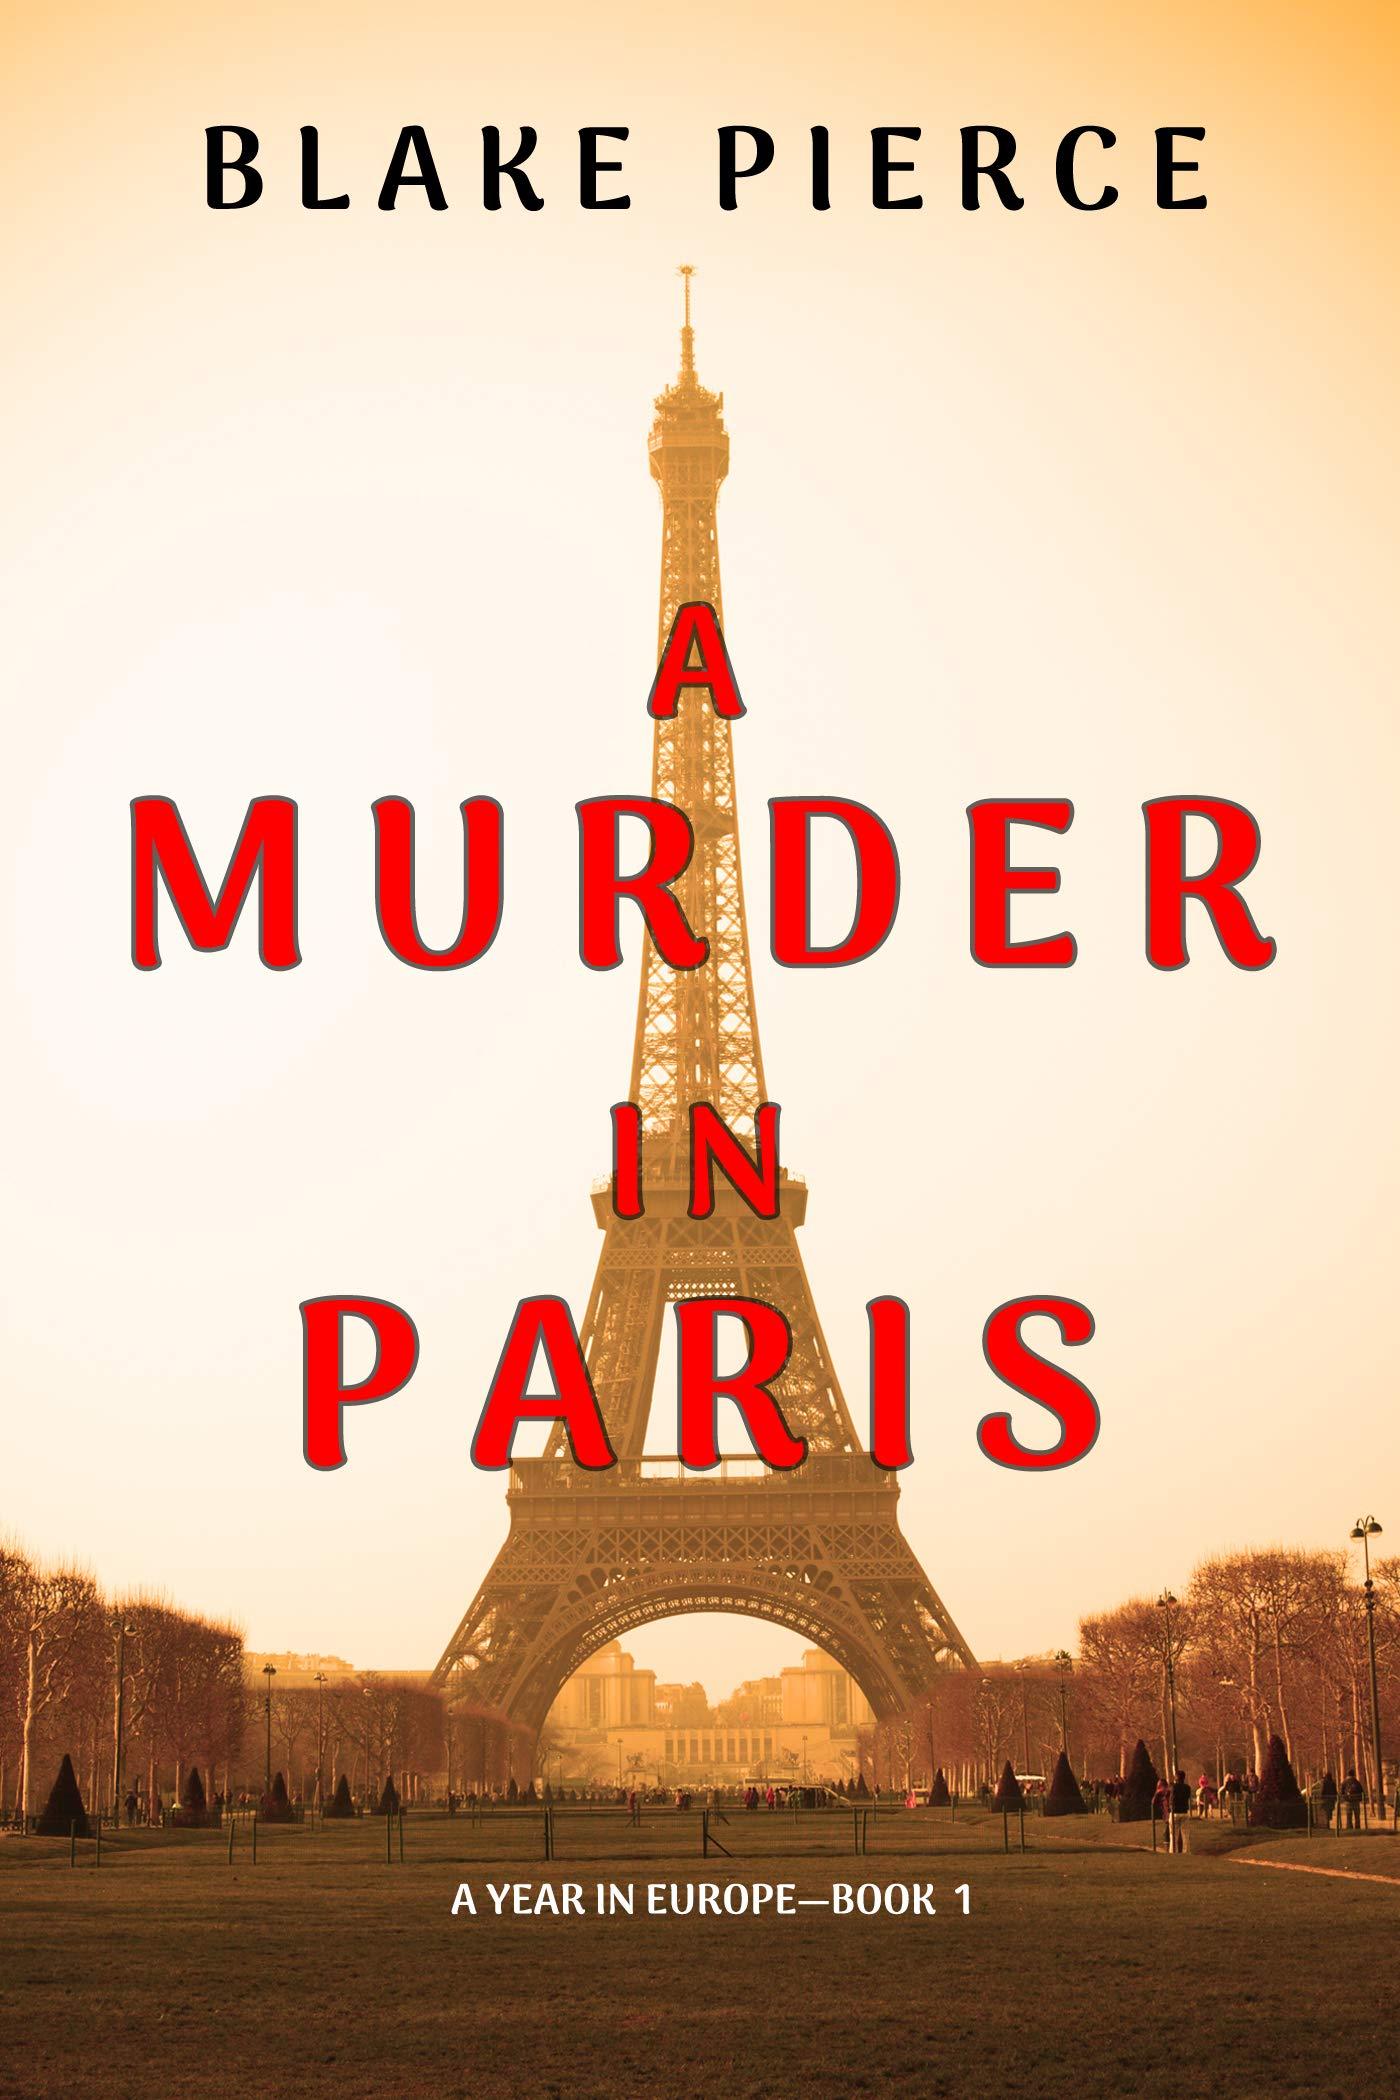 A Murder in Paris (A Year in Europe, #1)